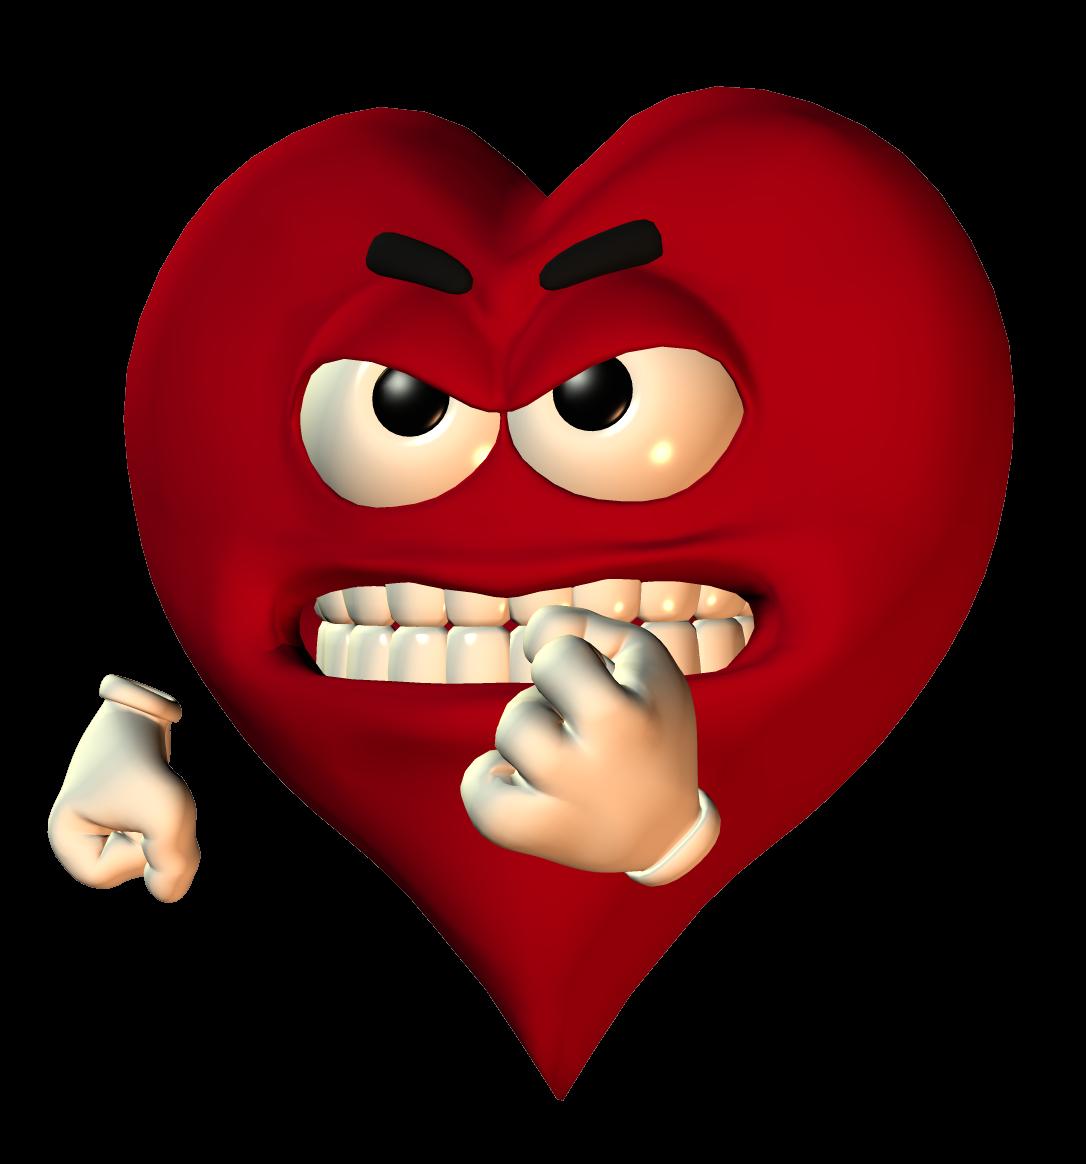 картинки упоротого сердца отобрали для вас